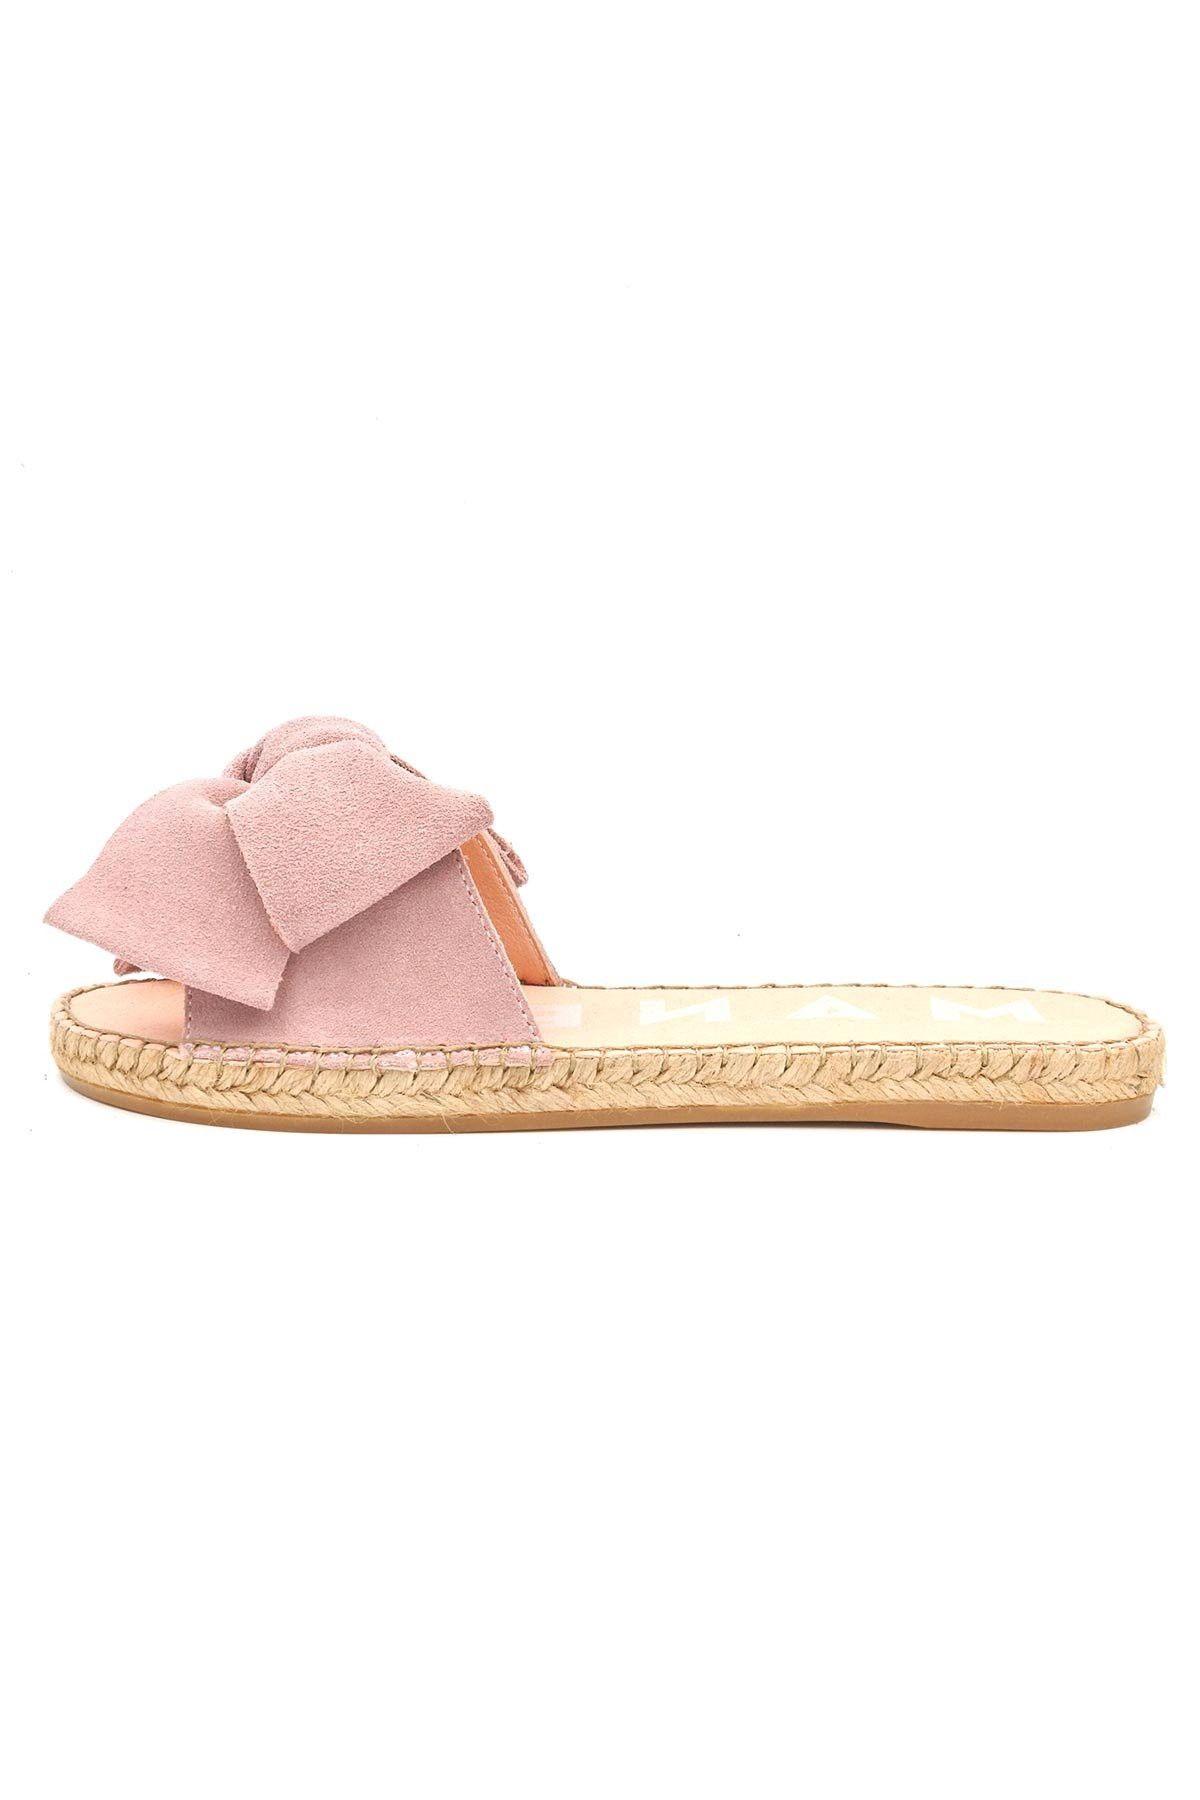 a3c46237d Velvet By Graham   Spencer Flat Sandals With Bow Manebi - Black-Manebi 36